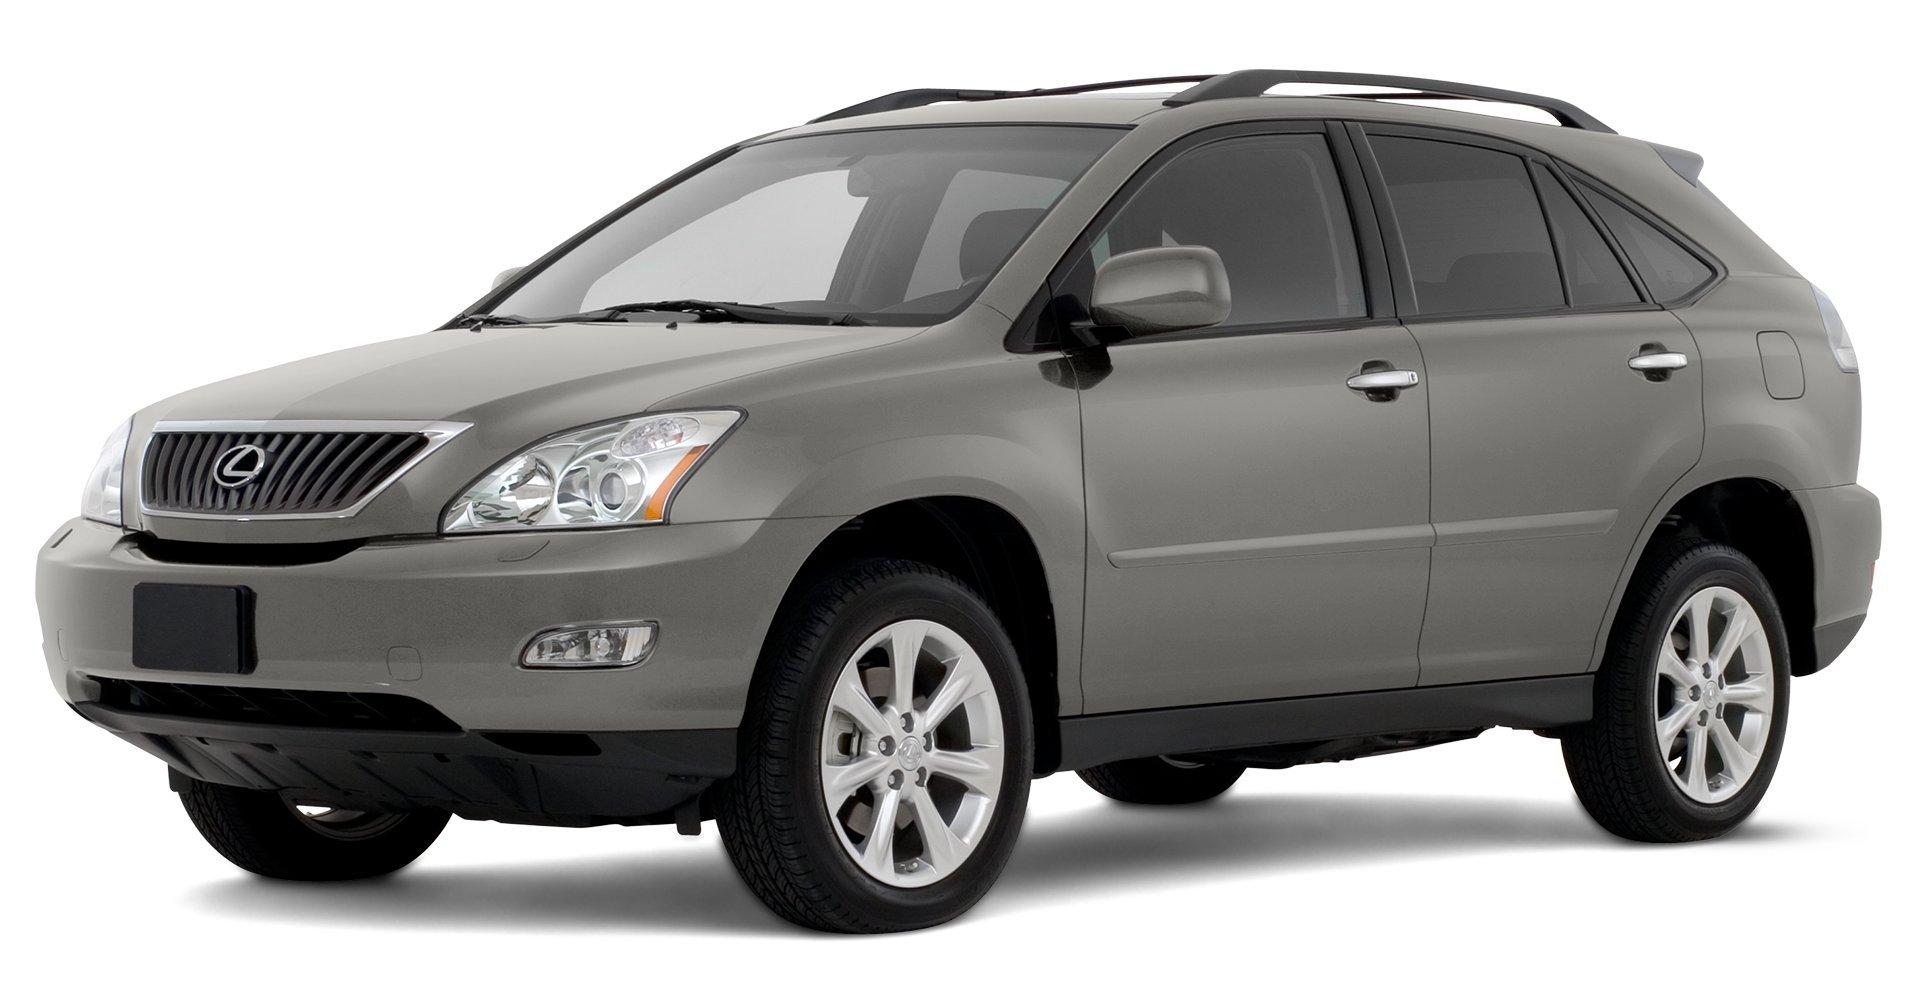 Amazon.com: 2008 Lexus RX350 Reviews, Images, and Specs: Vehicles